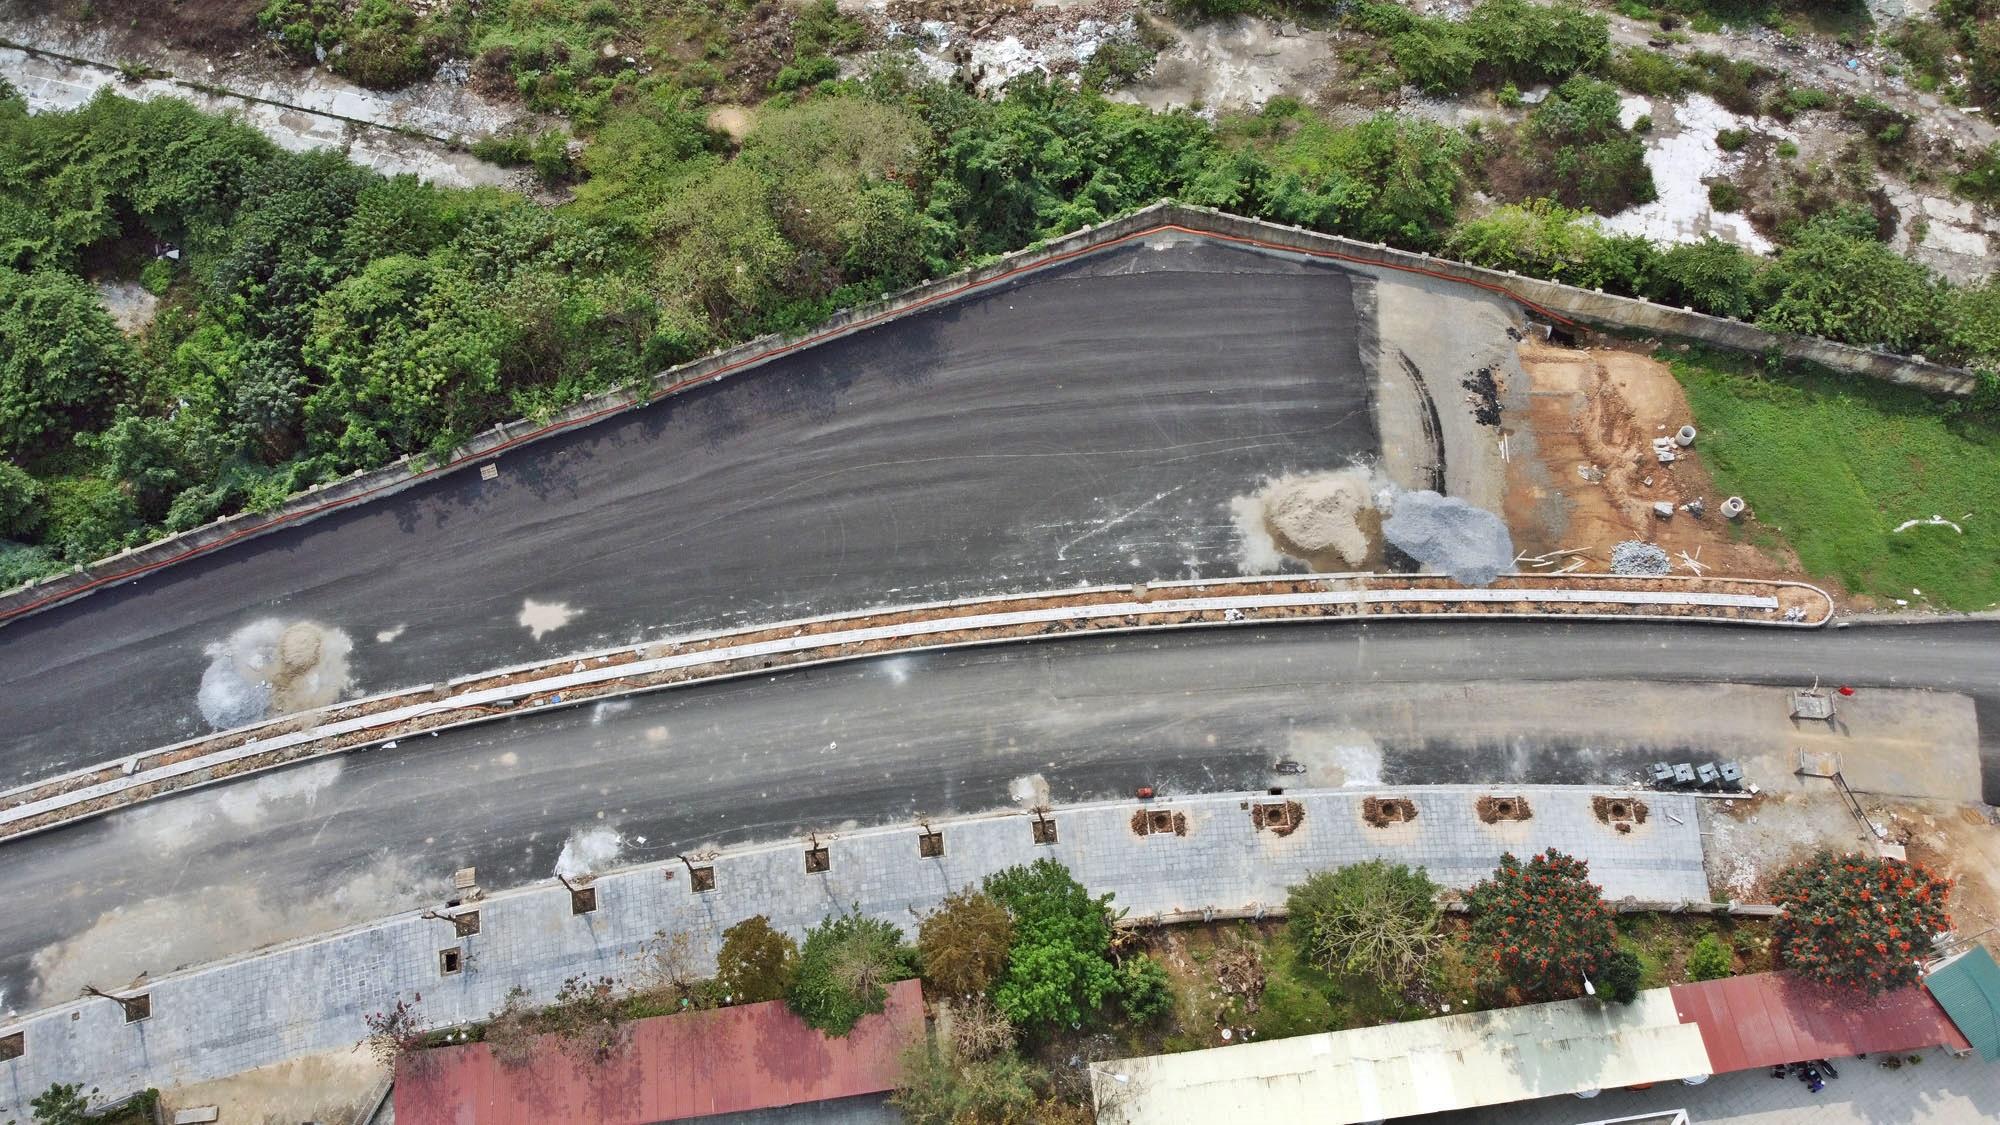 Toàn cảnh đường từ Vũ Quỳnh đến Lê Đức Thọ - Phạm Hùng đang mở theo quy hoạch ở Hà Nội - Ảnh 7.